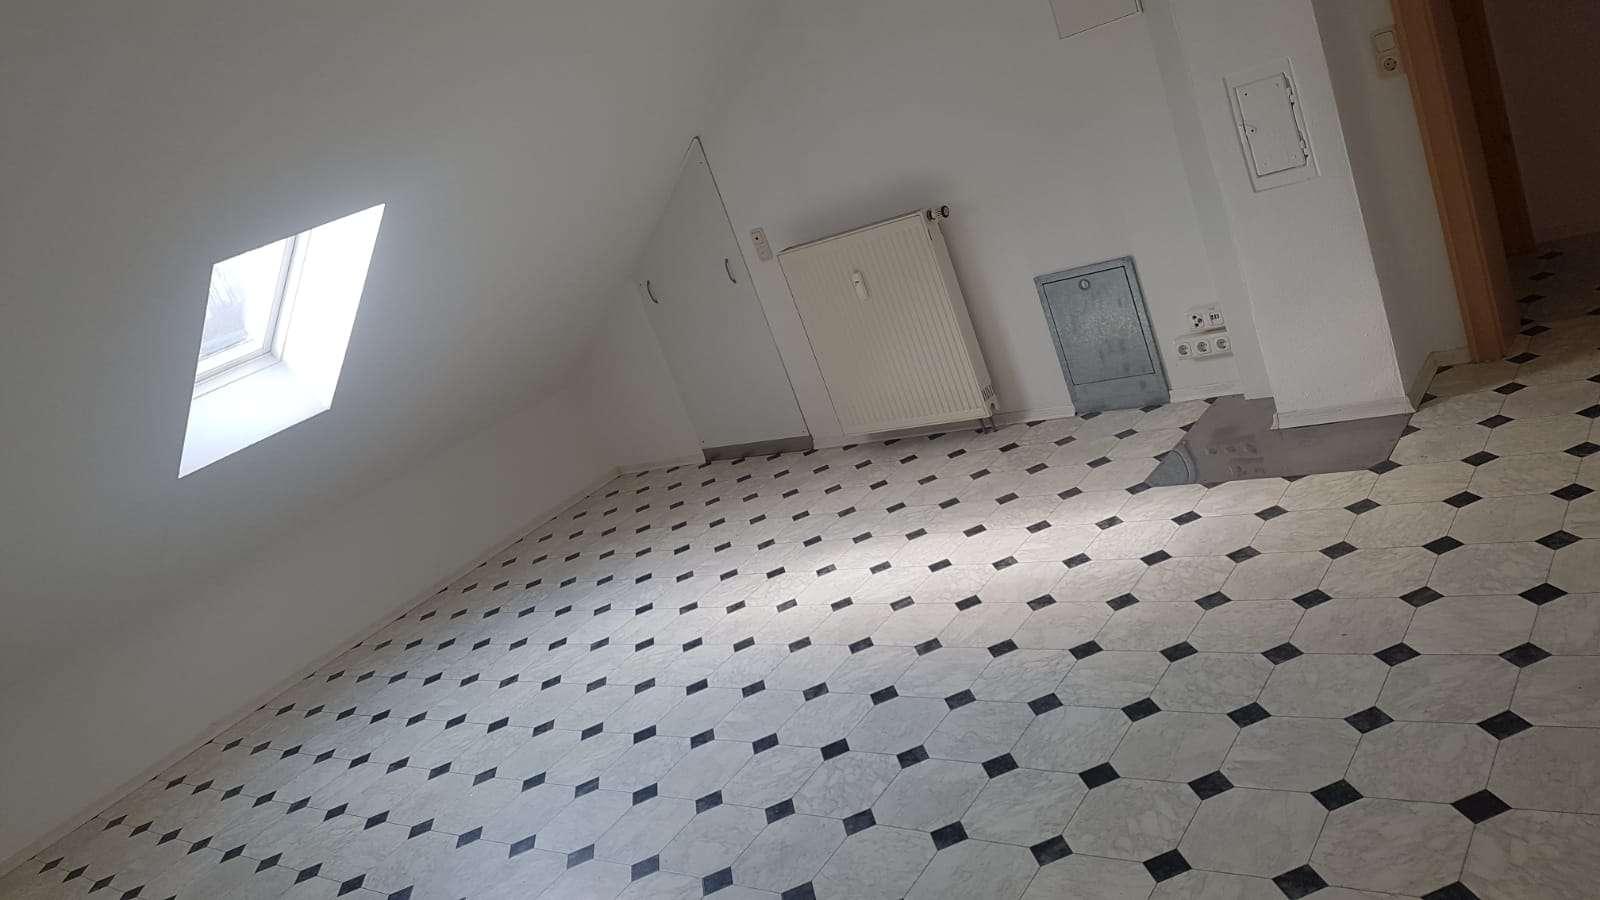 550.0 € - 80.0 m² - 2.0 Zi. in